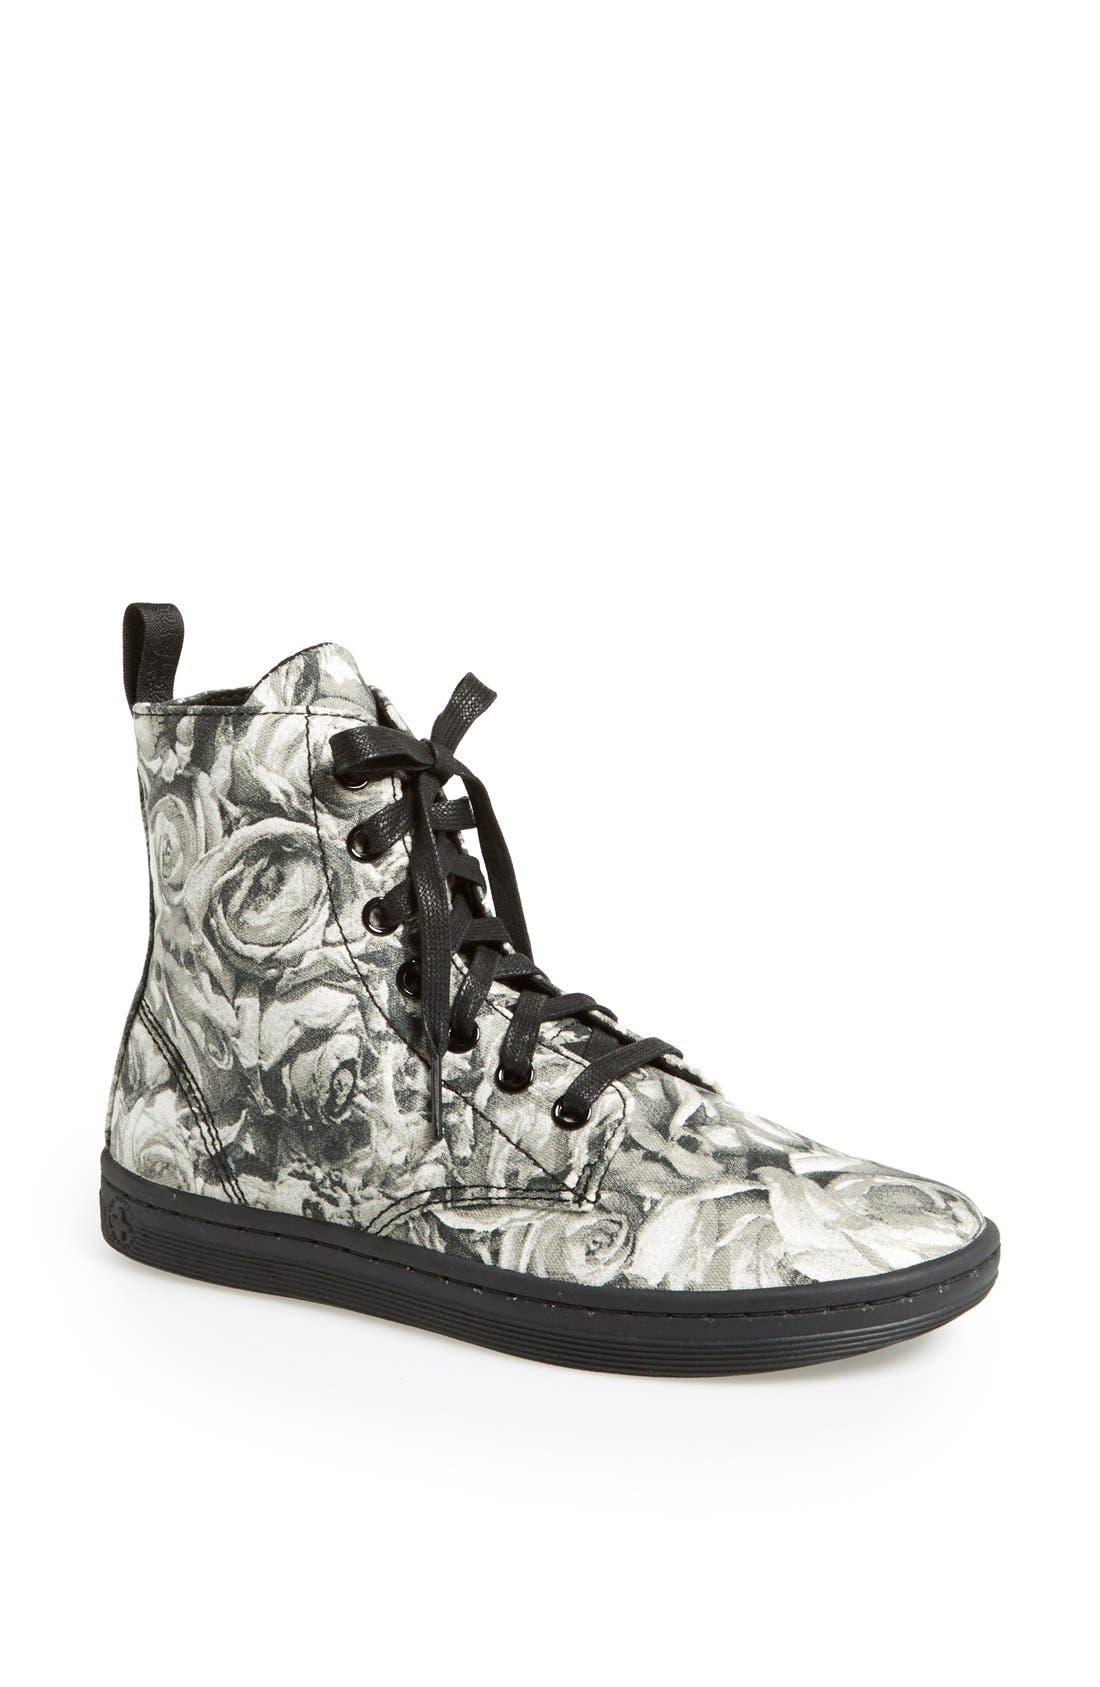 Alternate Image 1 Selected - Dr. Martens 'Hackney' Boot